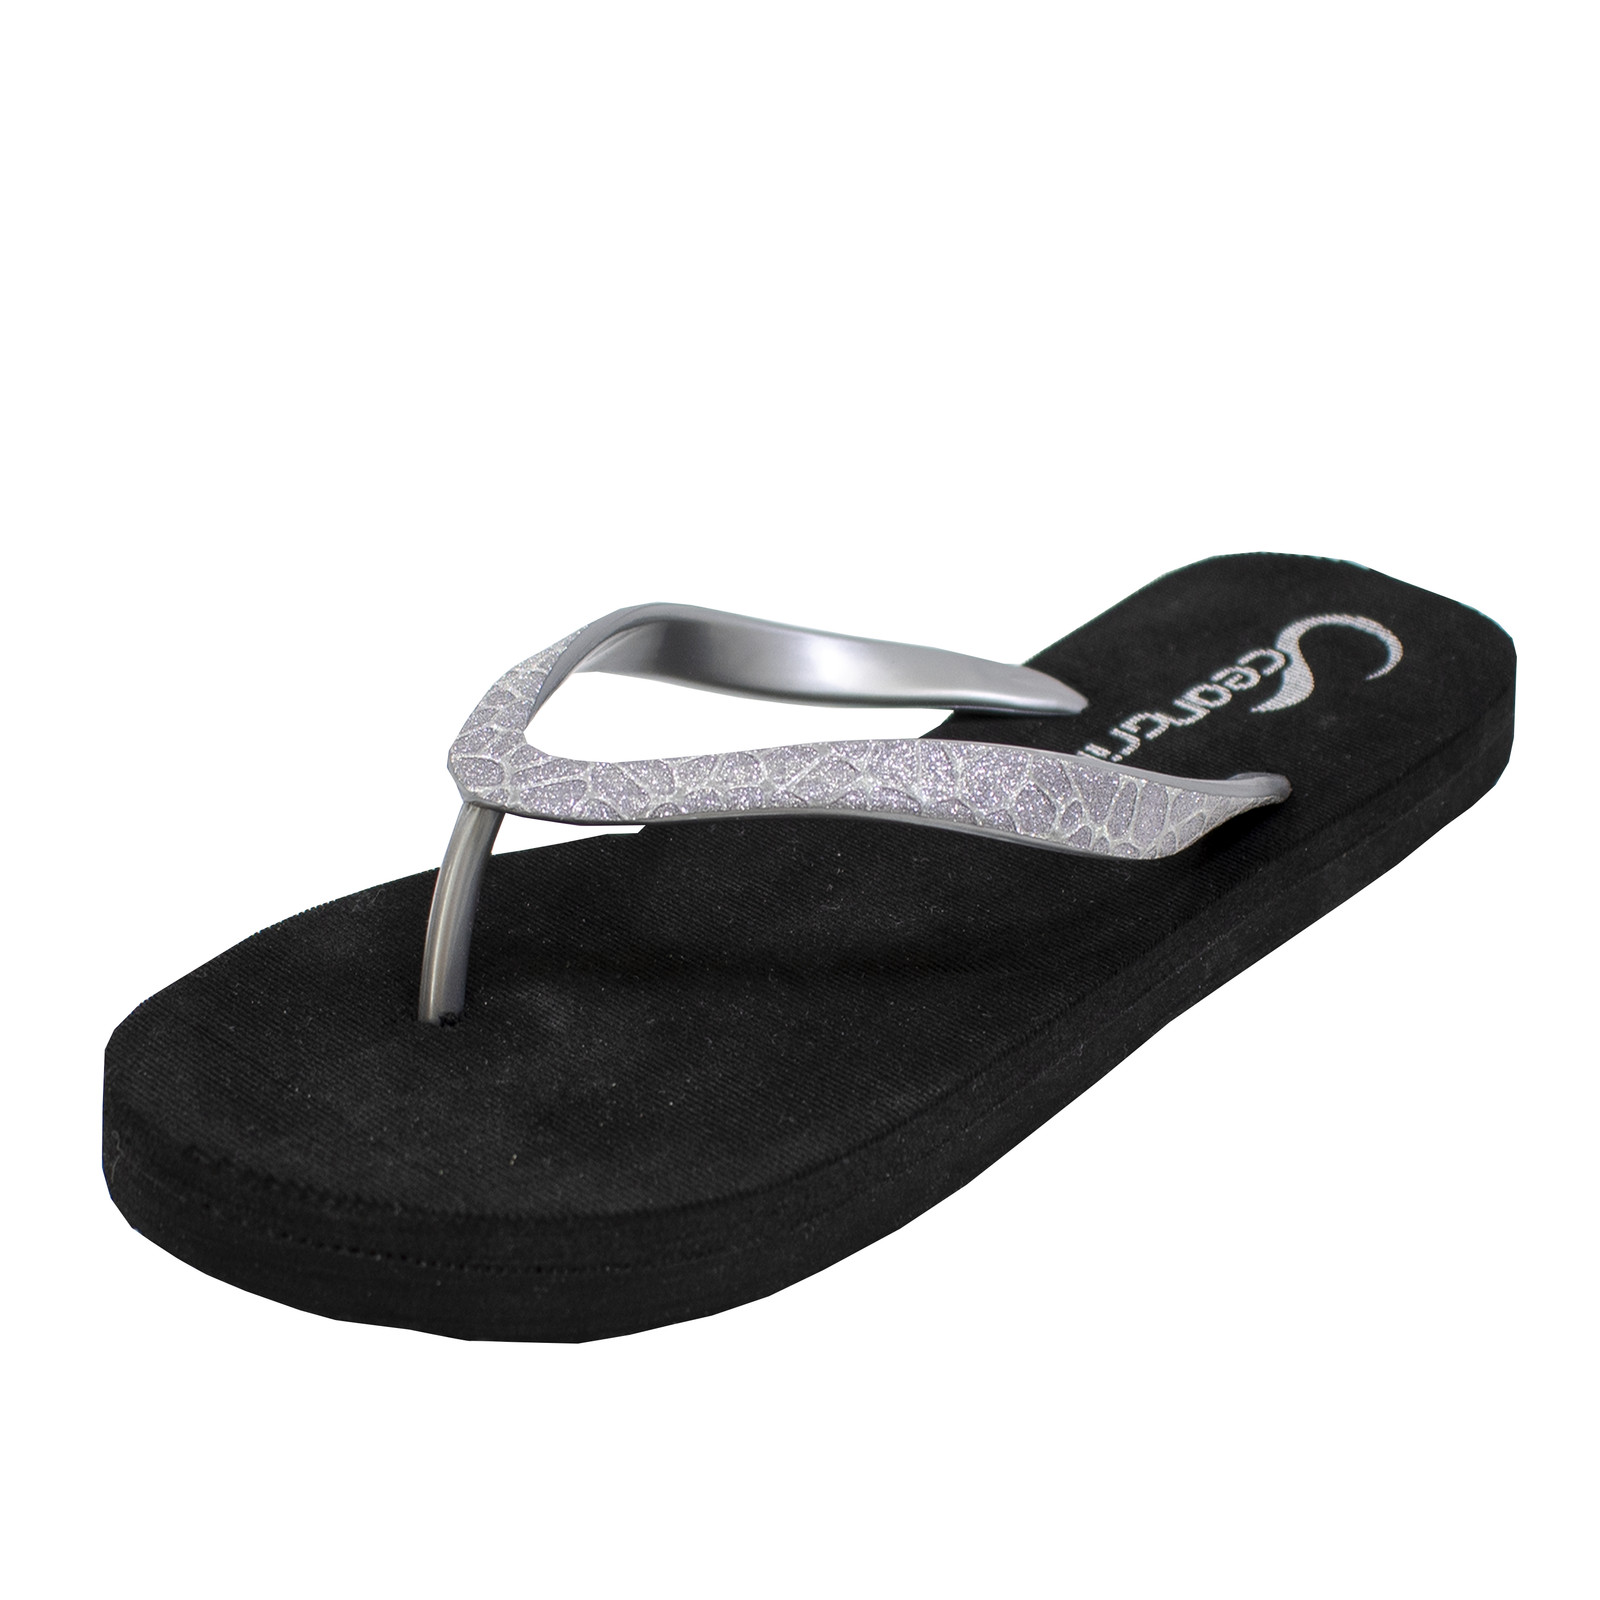 OceanGrip Glitter Sandal Black-large